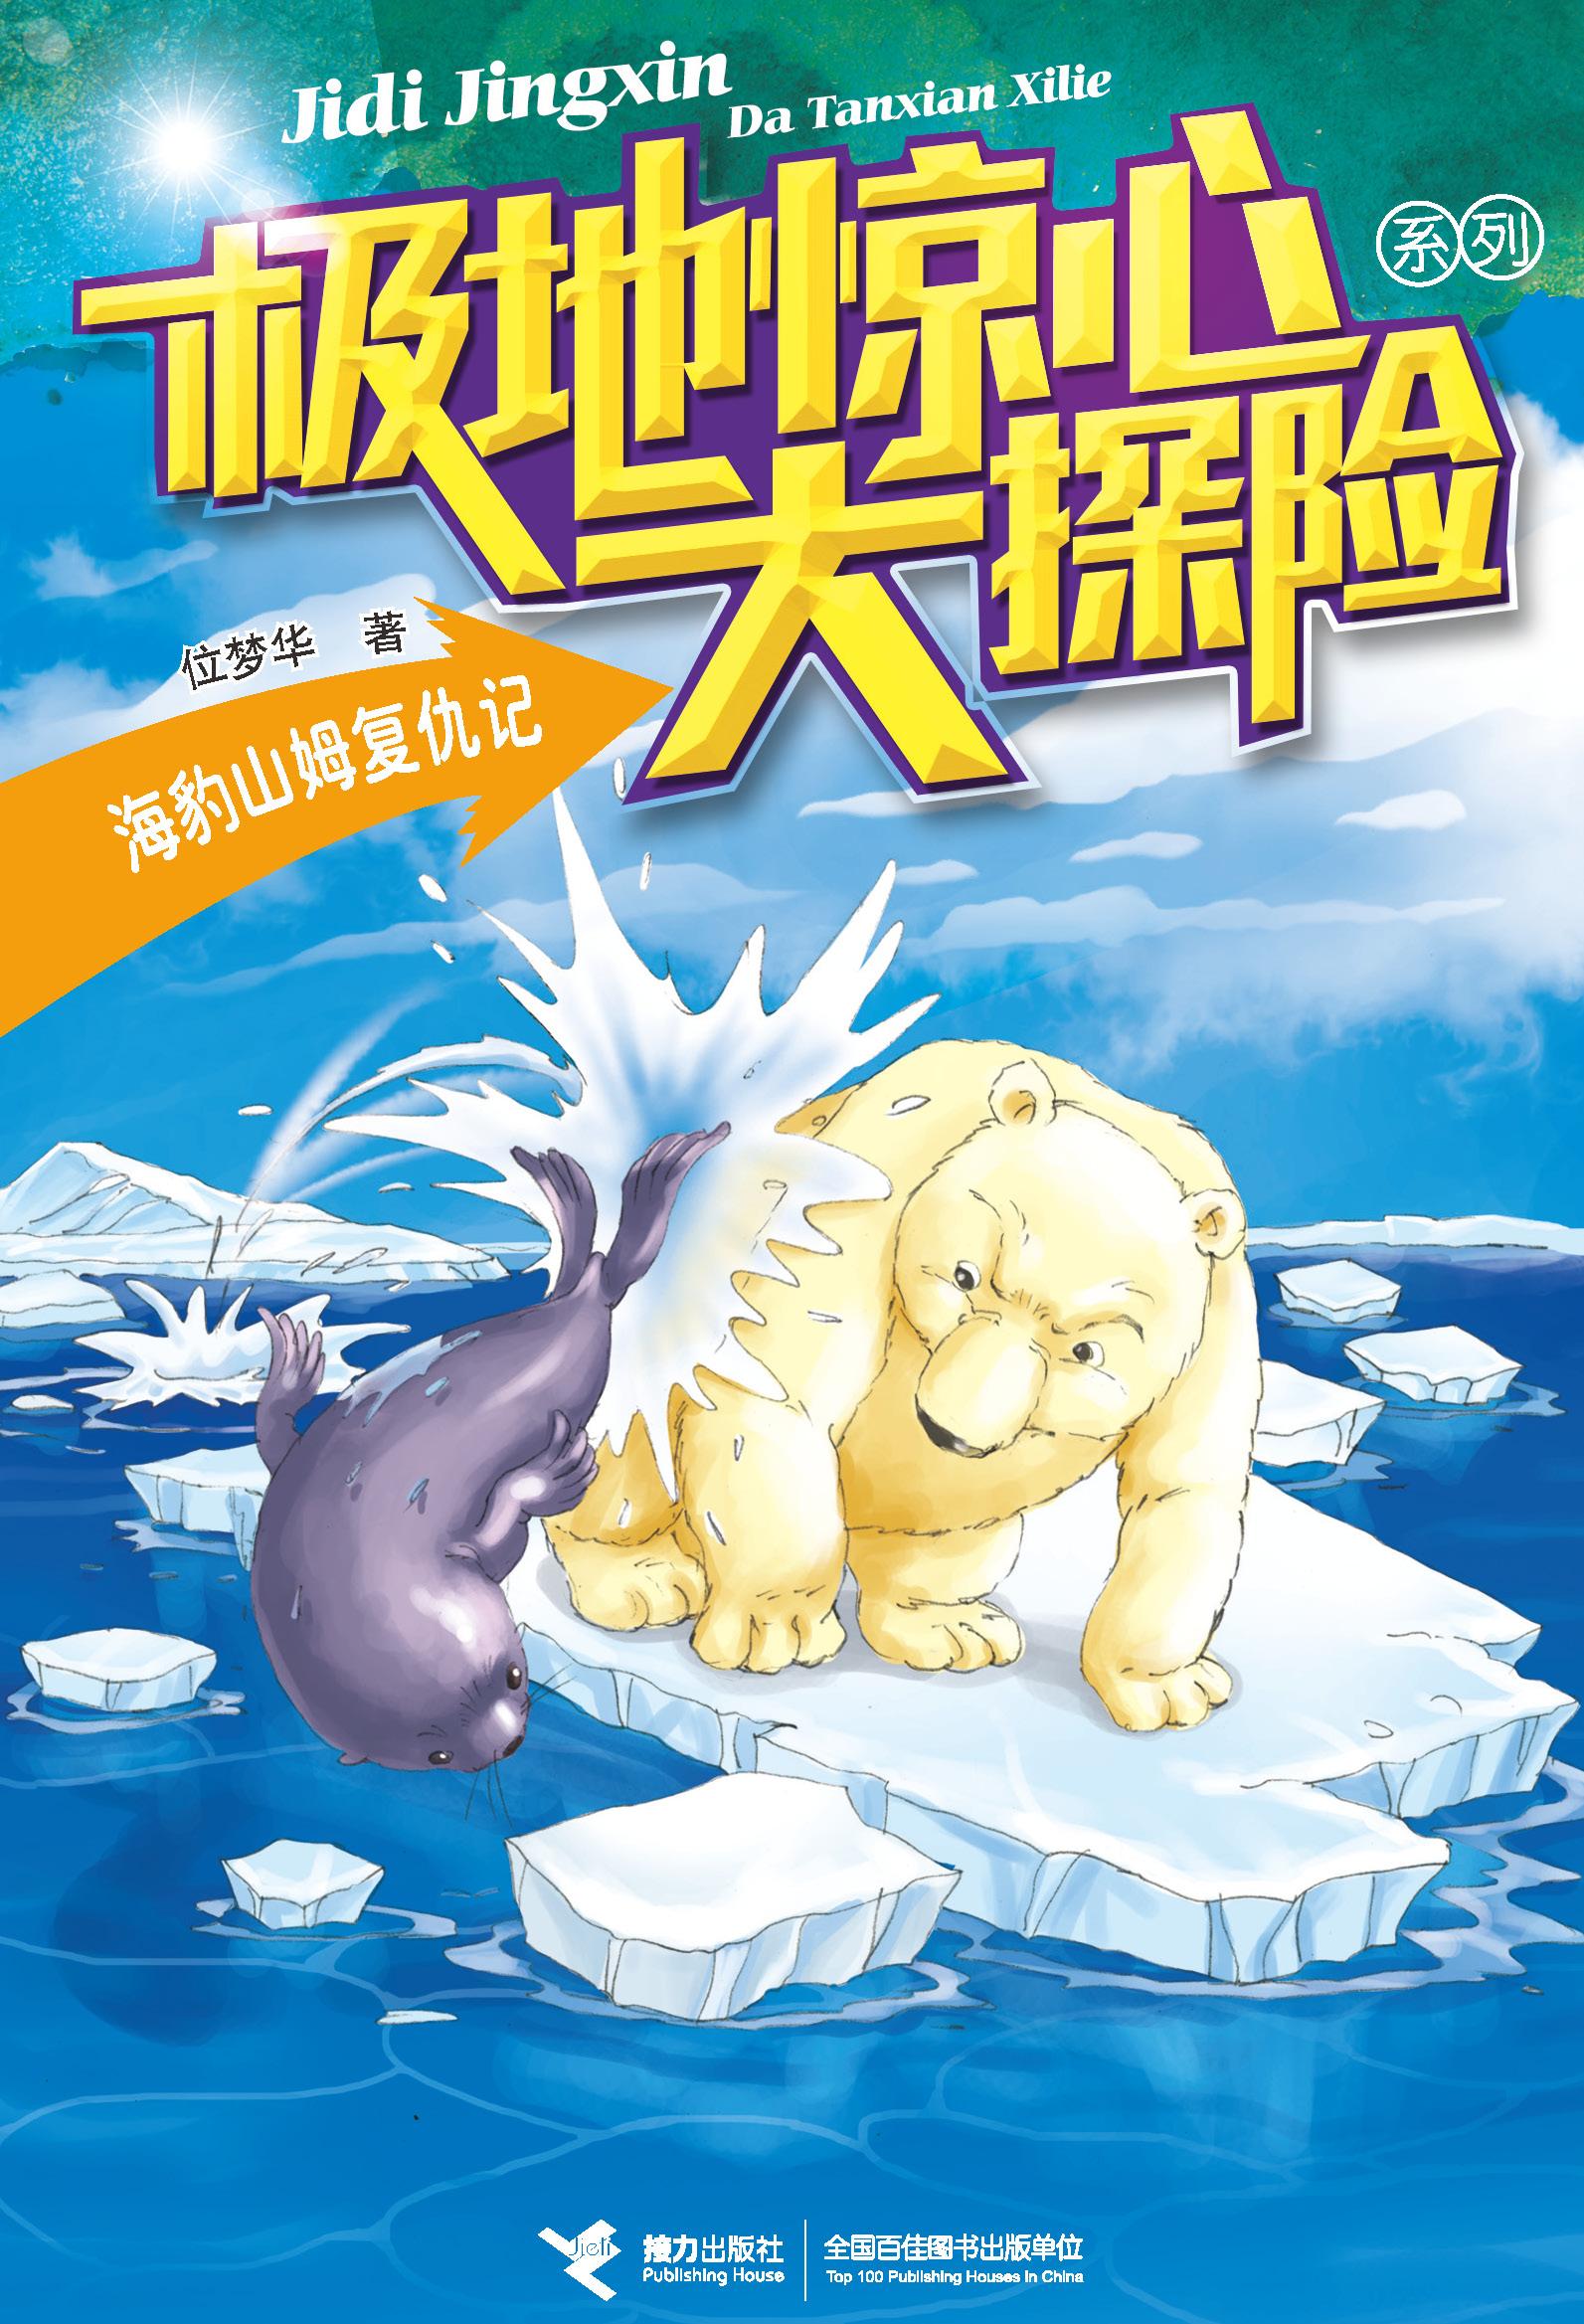 极地惊心大探险系列:海豹山姆复仇记